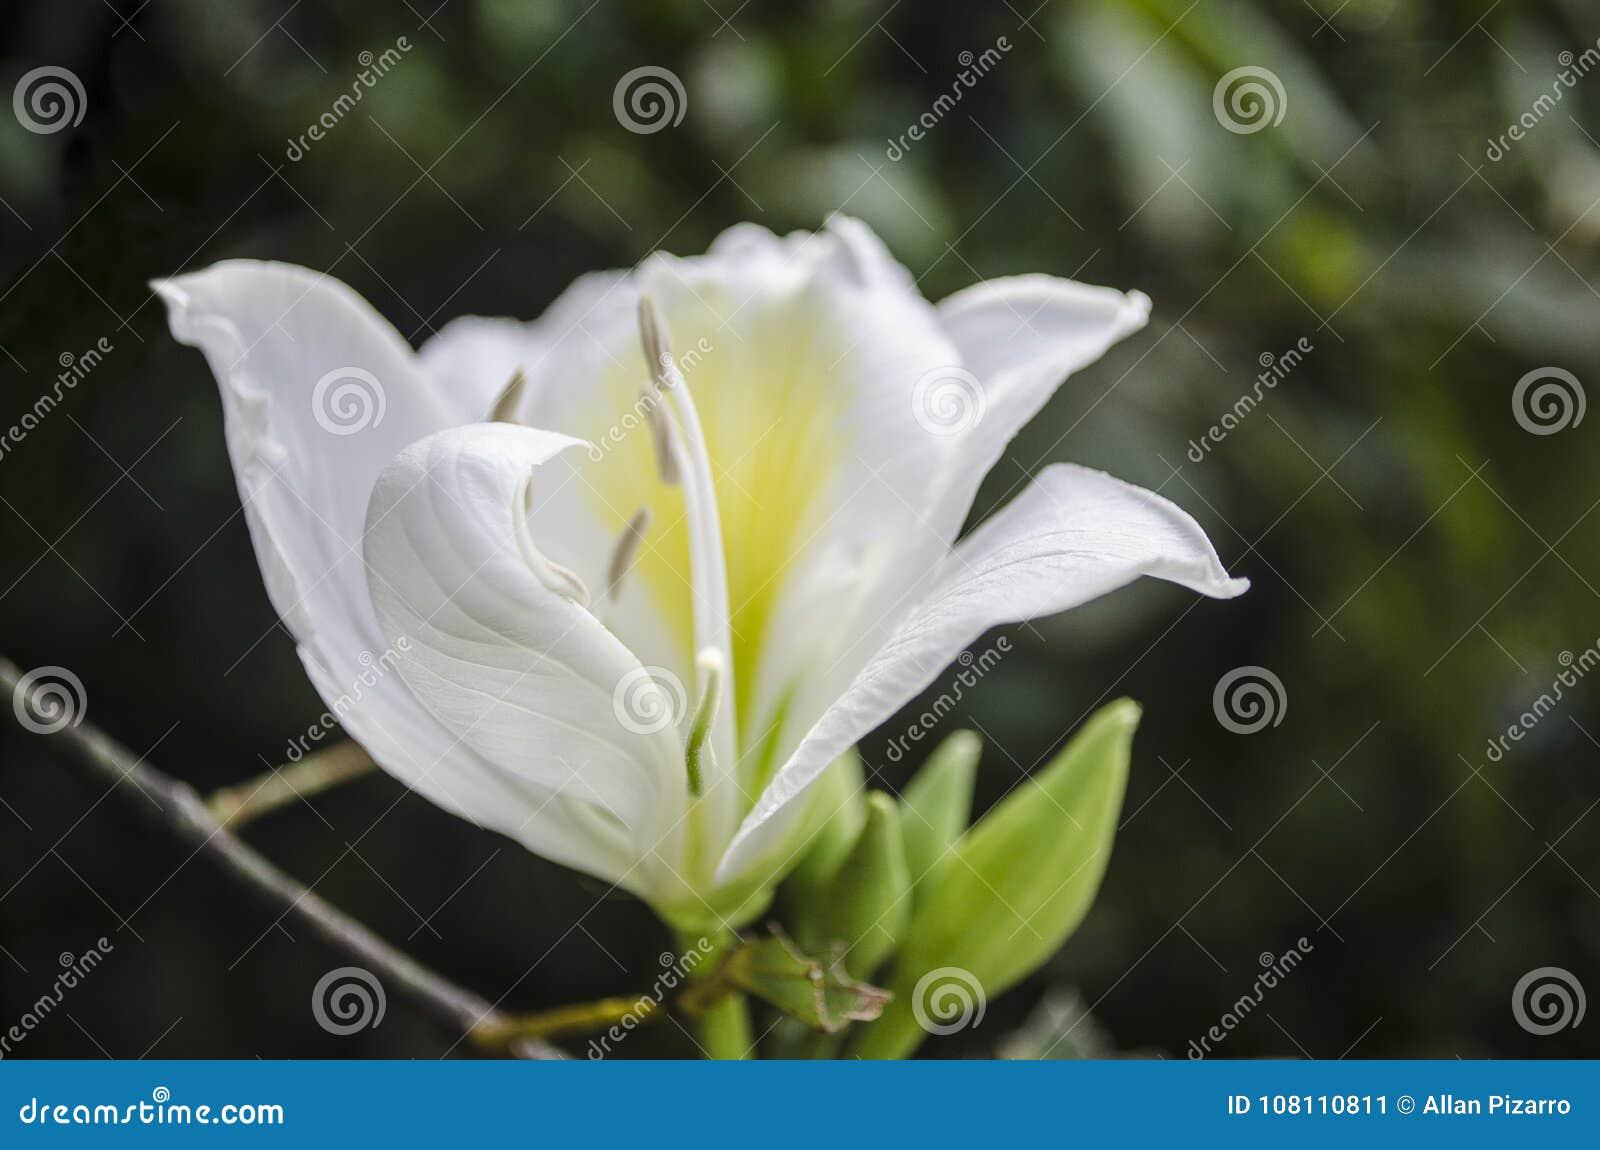 Stunning Morning White Flower Stock Image Image Of Gardens